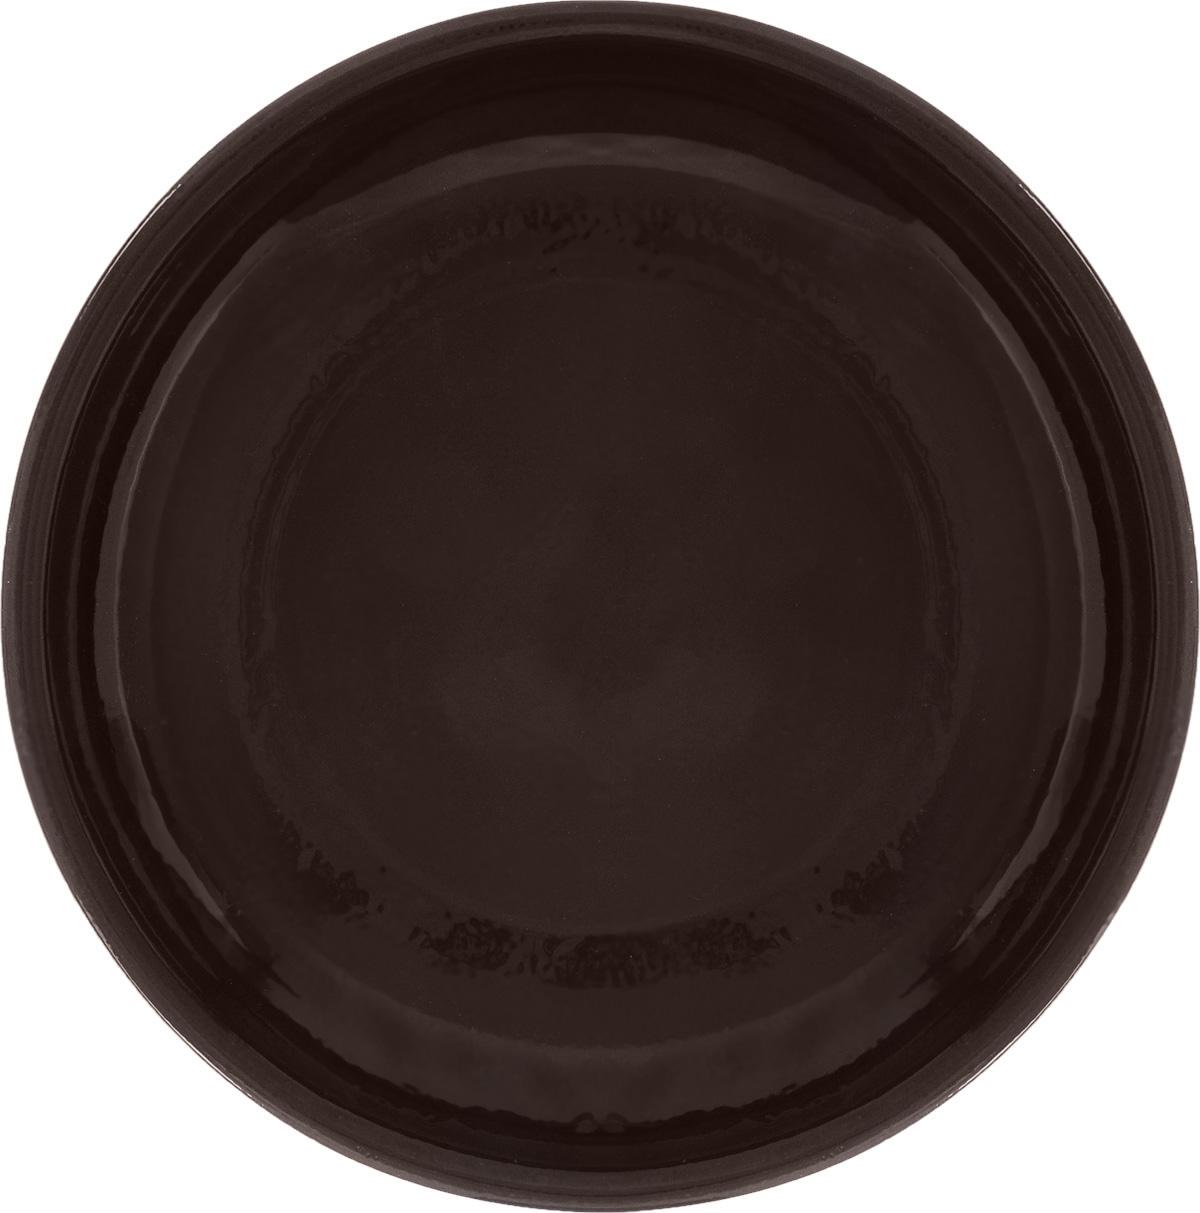 Тарелка Борисовская керамика Старина, цвет: темно-коричневый, диаметр 18 см115510Тарелка Борисовская керамика Радуга, изготовленная из глины, имеет изысканный внешний вид. Лаконичный дизайн придется по вкусу и ценителям классики, и тем, кто предпочитает утонченность. Такая тарелка идеально подойдет для сервировки стола, а также для запекания вторых блюд в духовке.Тарелка Борисовская керамика Радуга впишется в любой интерьер современной кухни и станет отличным подарком для вас и ваших близких.Можно использовать в микроволновой печи и духовке. Диаметр (по верхнему краю): 18 см.